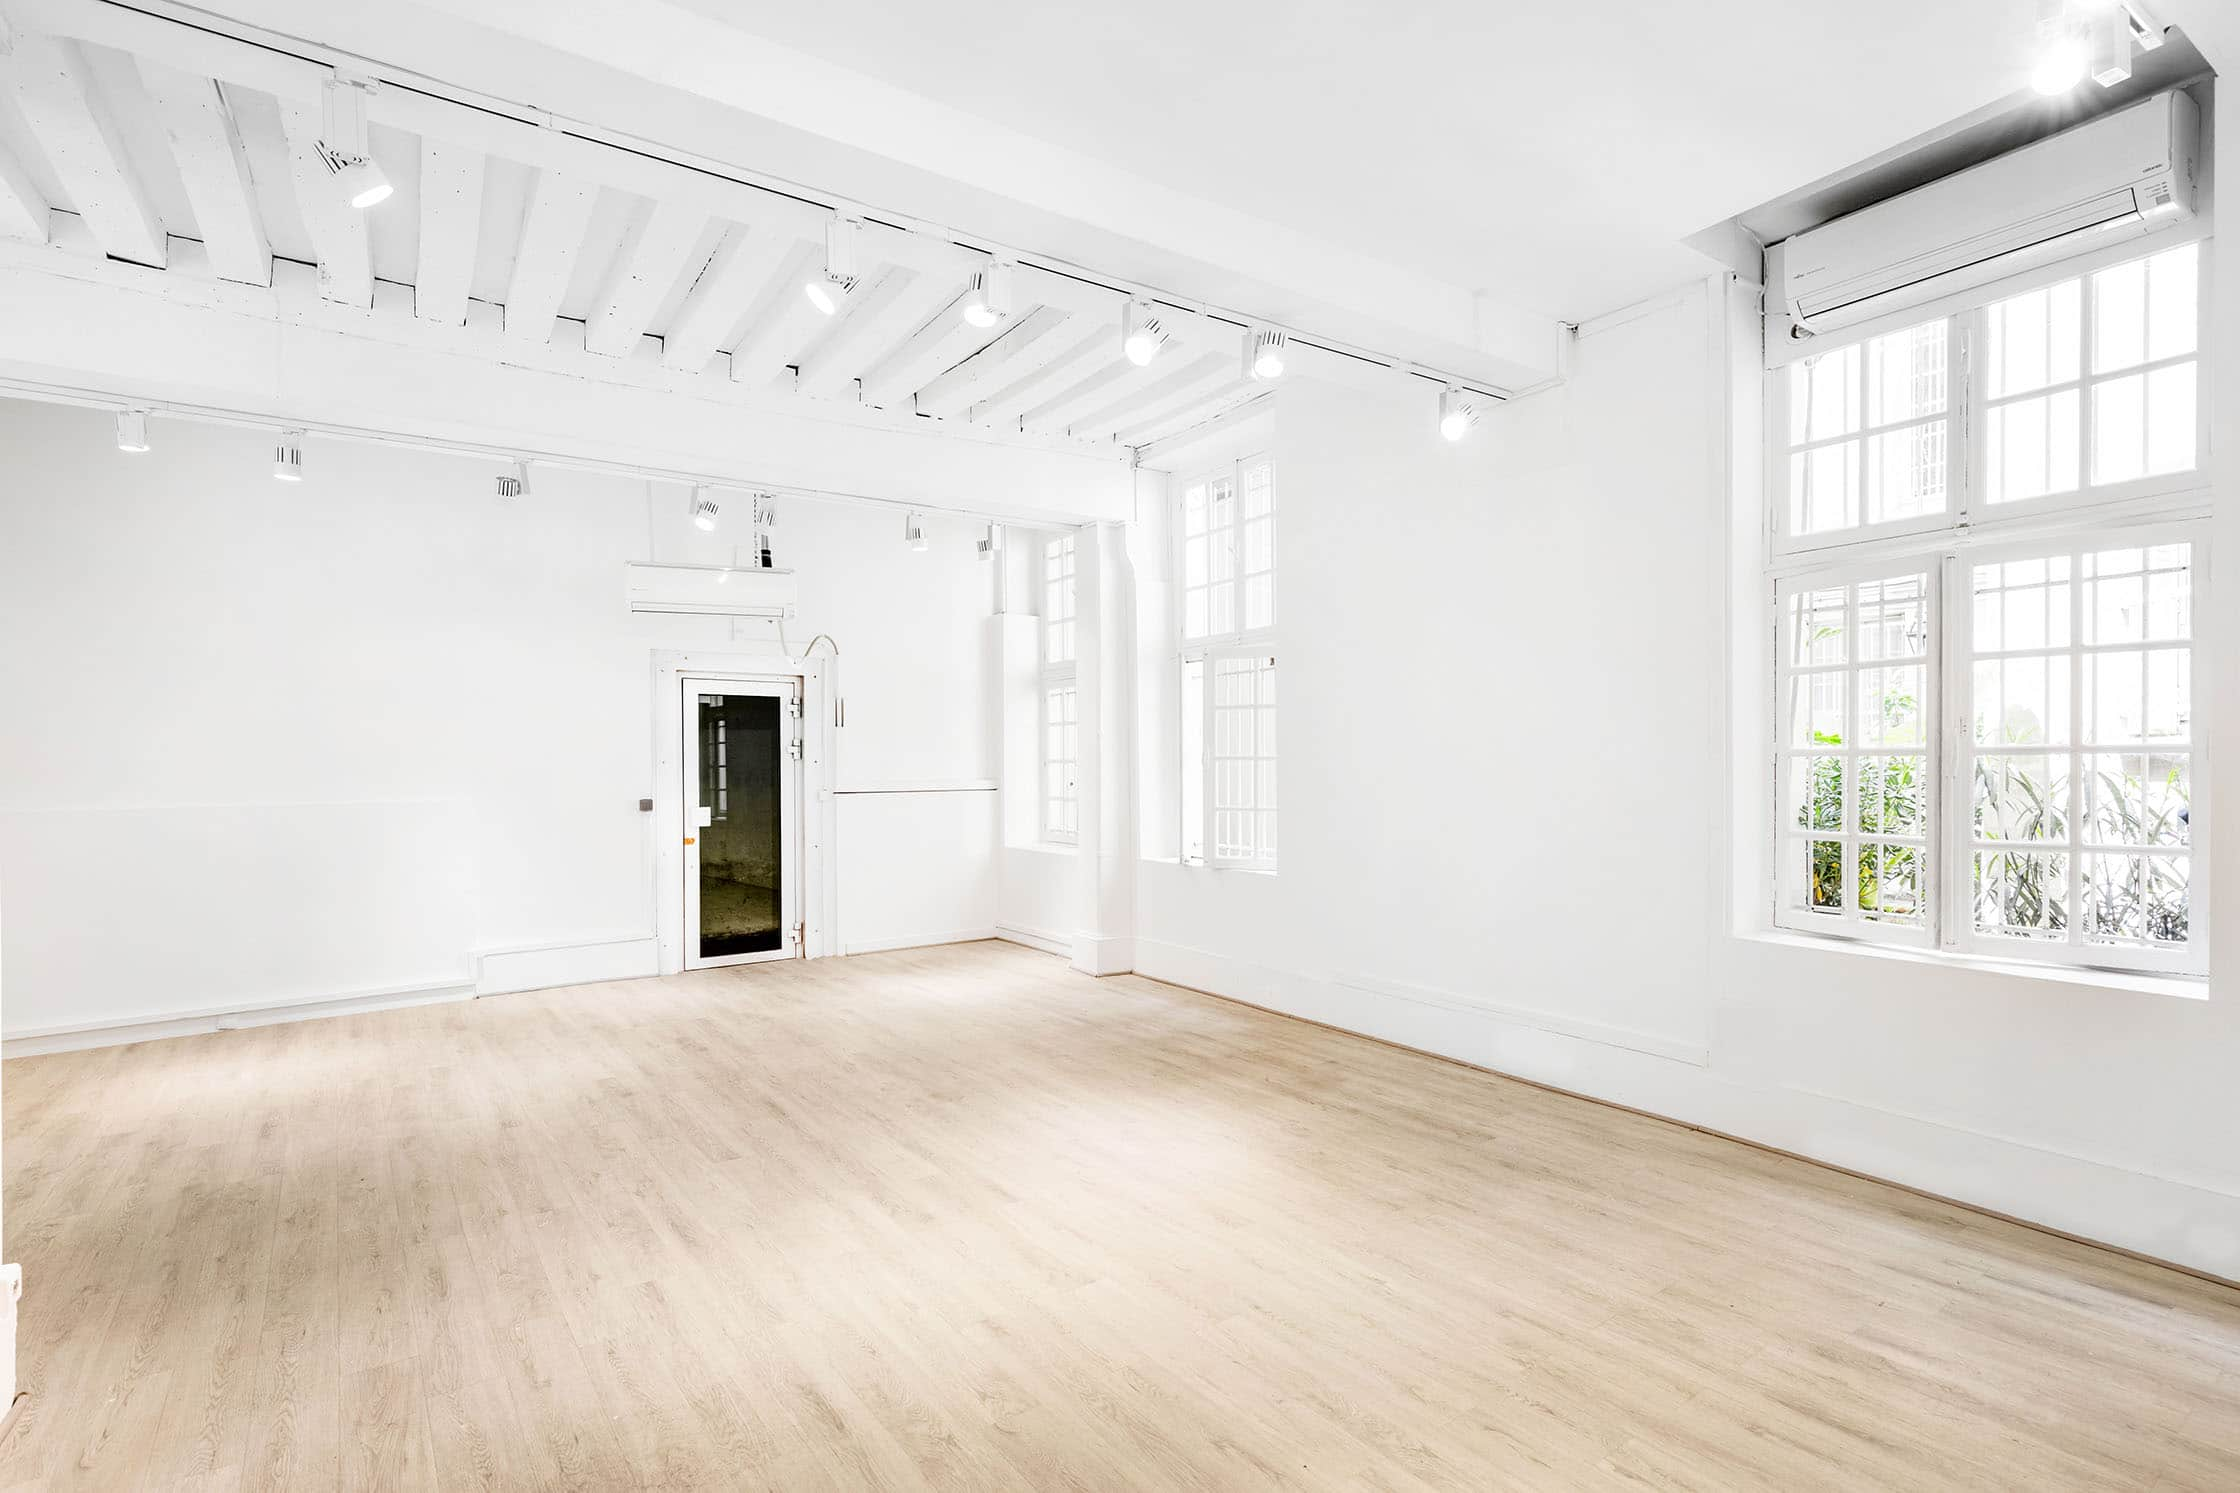 Galerie MR137, Rue du temple, The MRagency, location de lieu paris